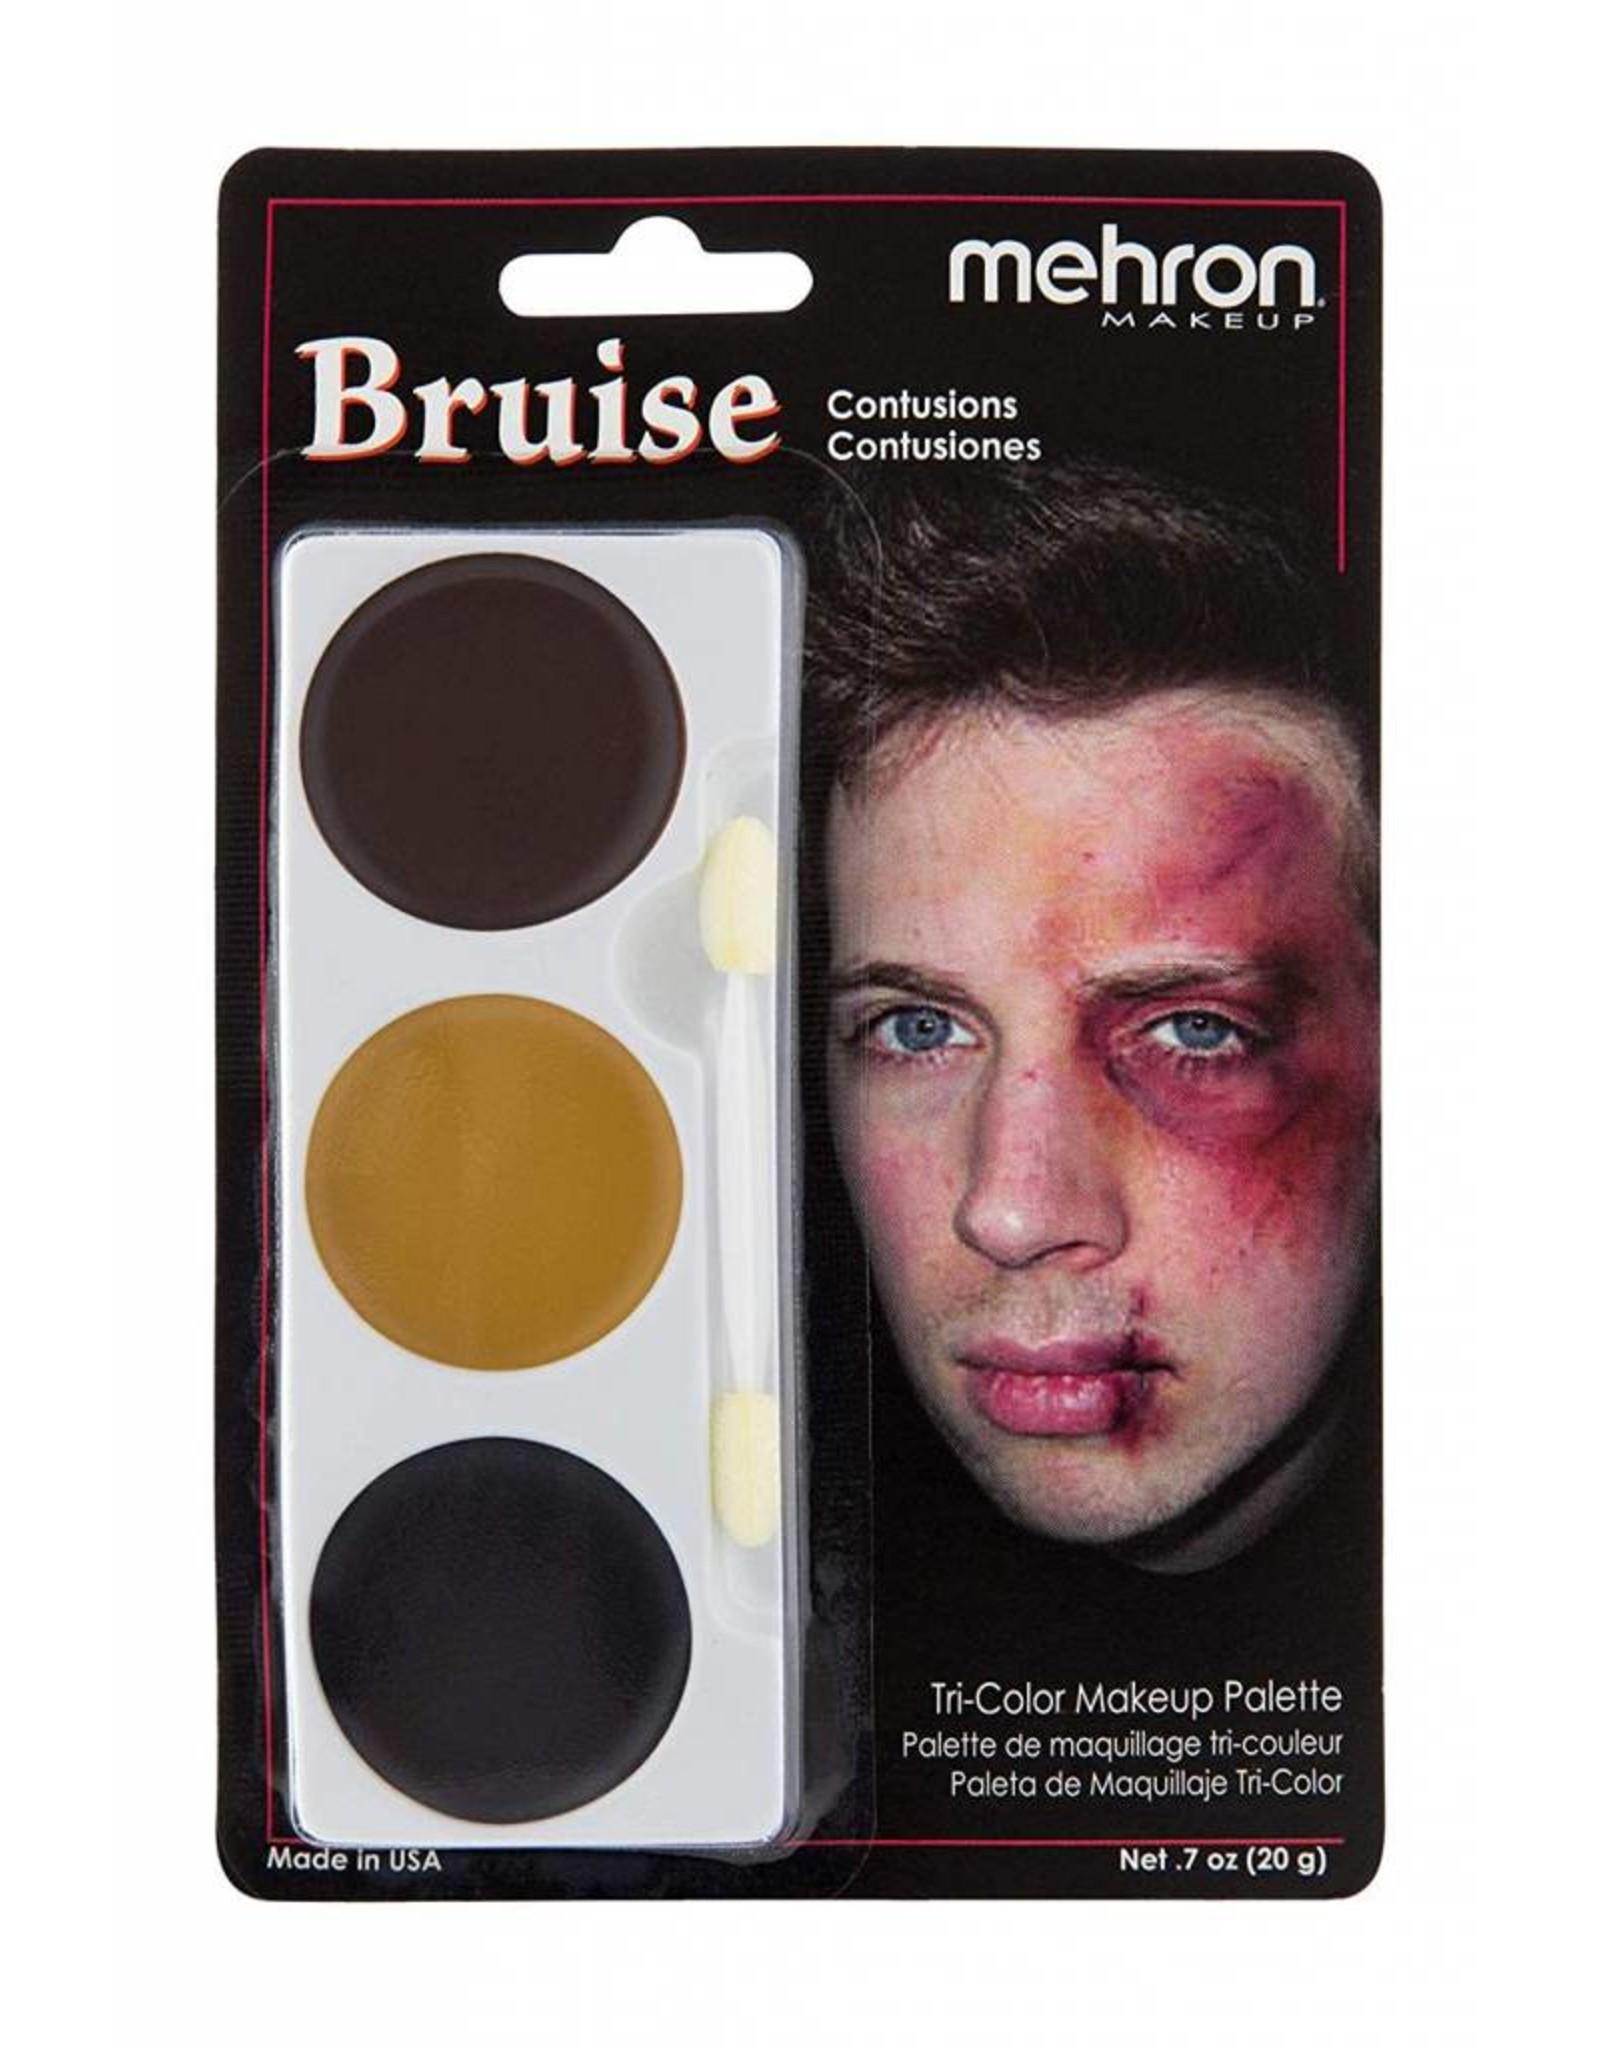 Mehron Bruise Tri-Palette